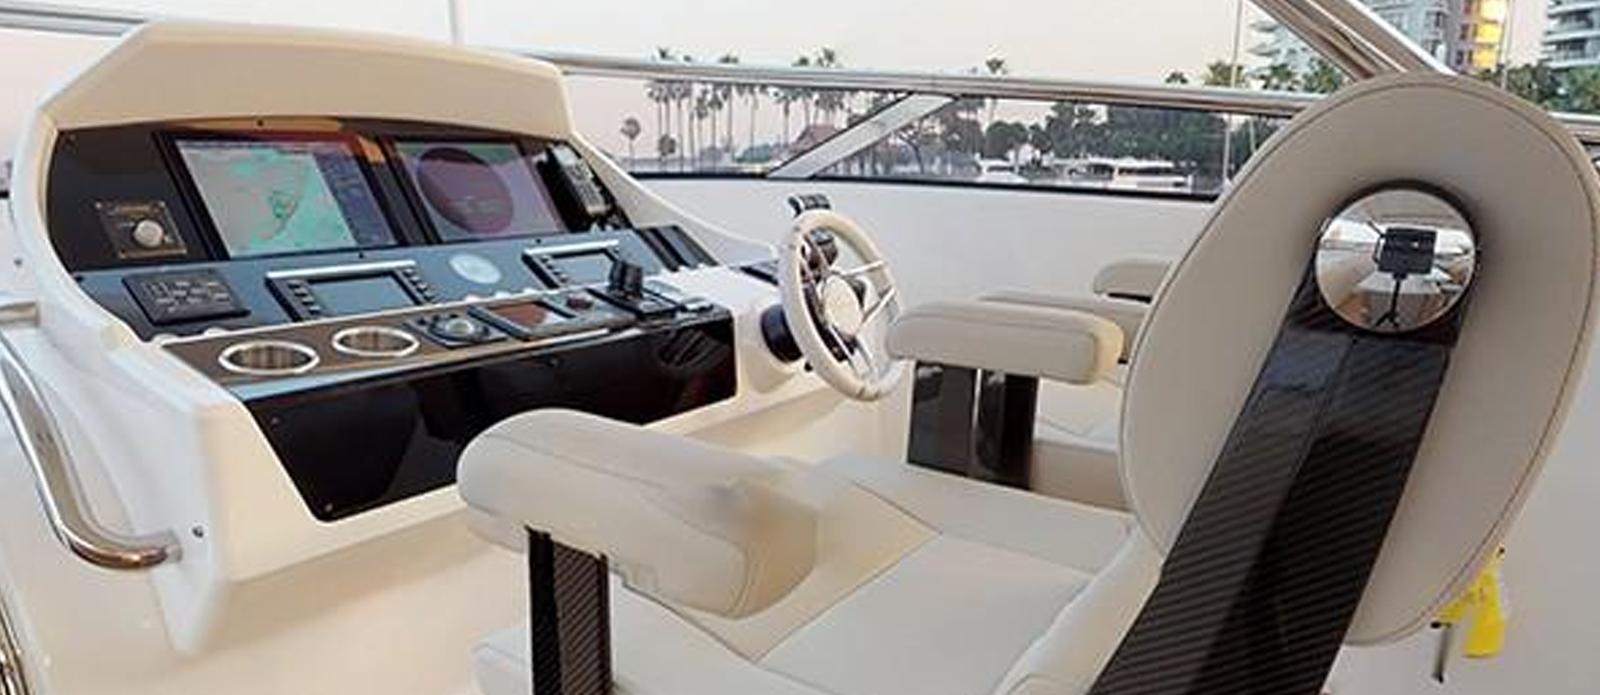 Sunseeker-116-Sport-Yacht-Priceless-26